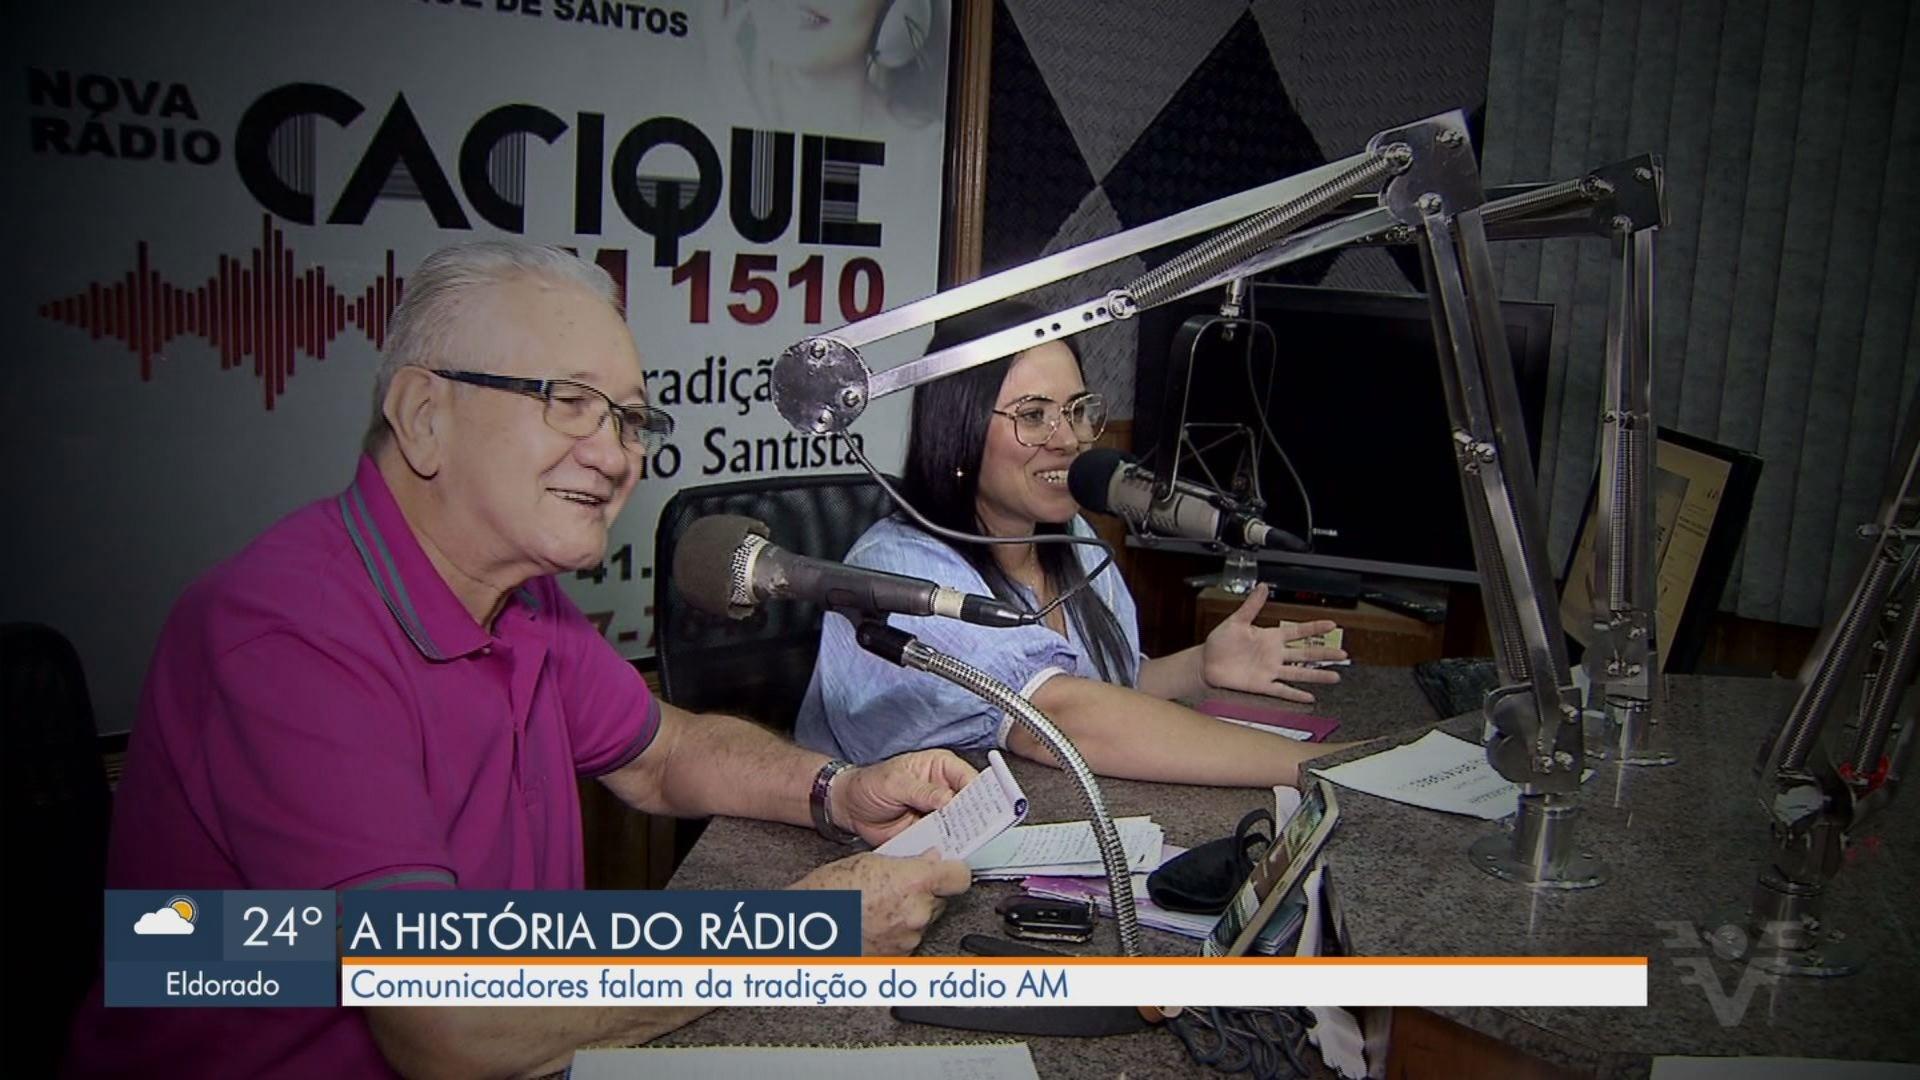 VÍDEOS: Jornal da Tribuna 1ª Edição de quinta-feira, 24 de setembro